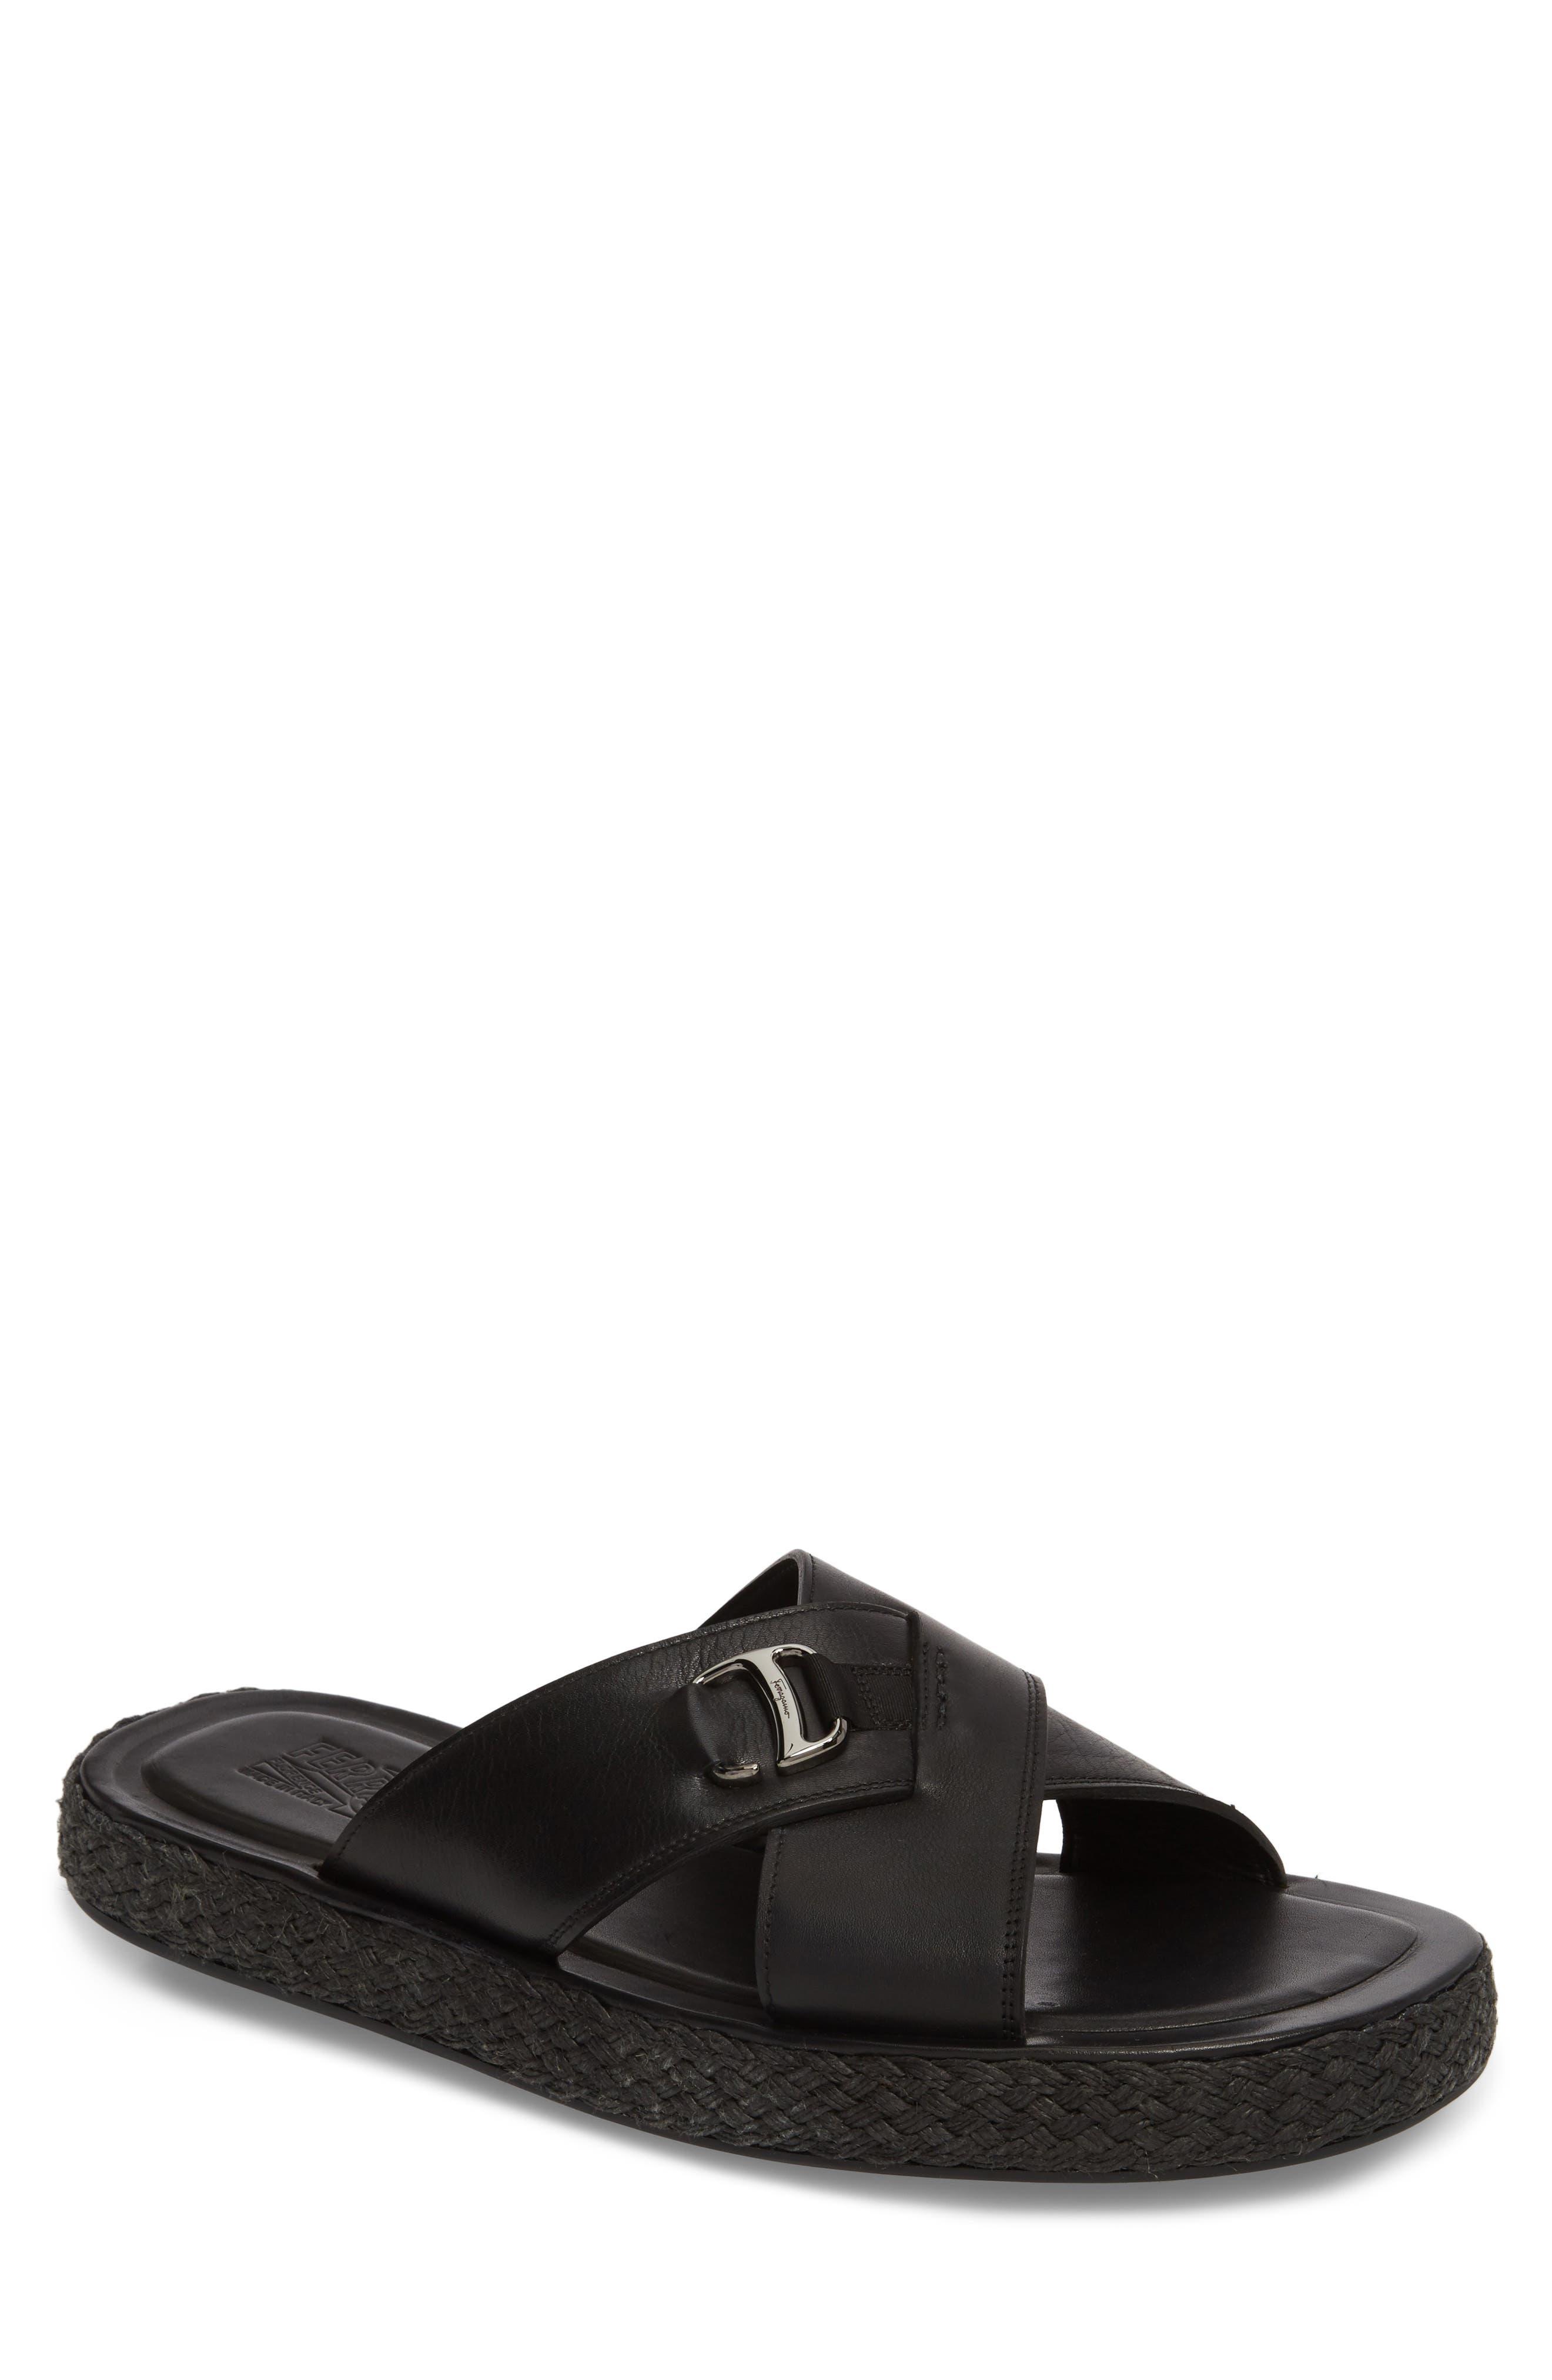 bc56ae51c13c Salvatore Ferragamo Comodo Slide Sandal In Nero